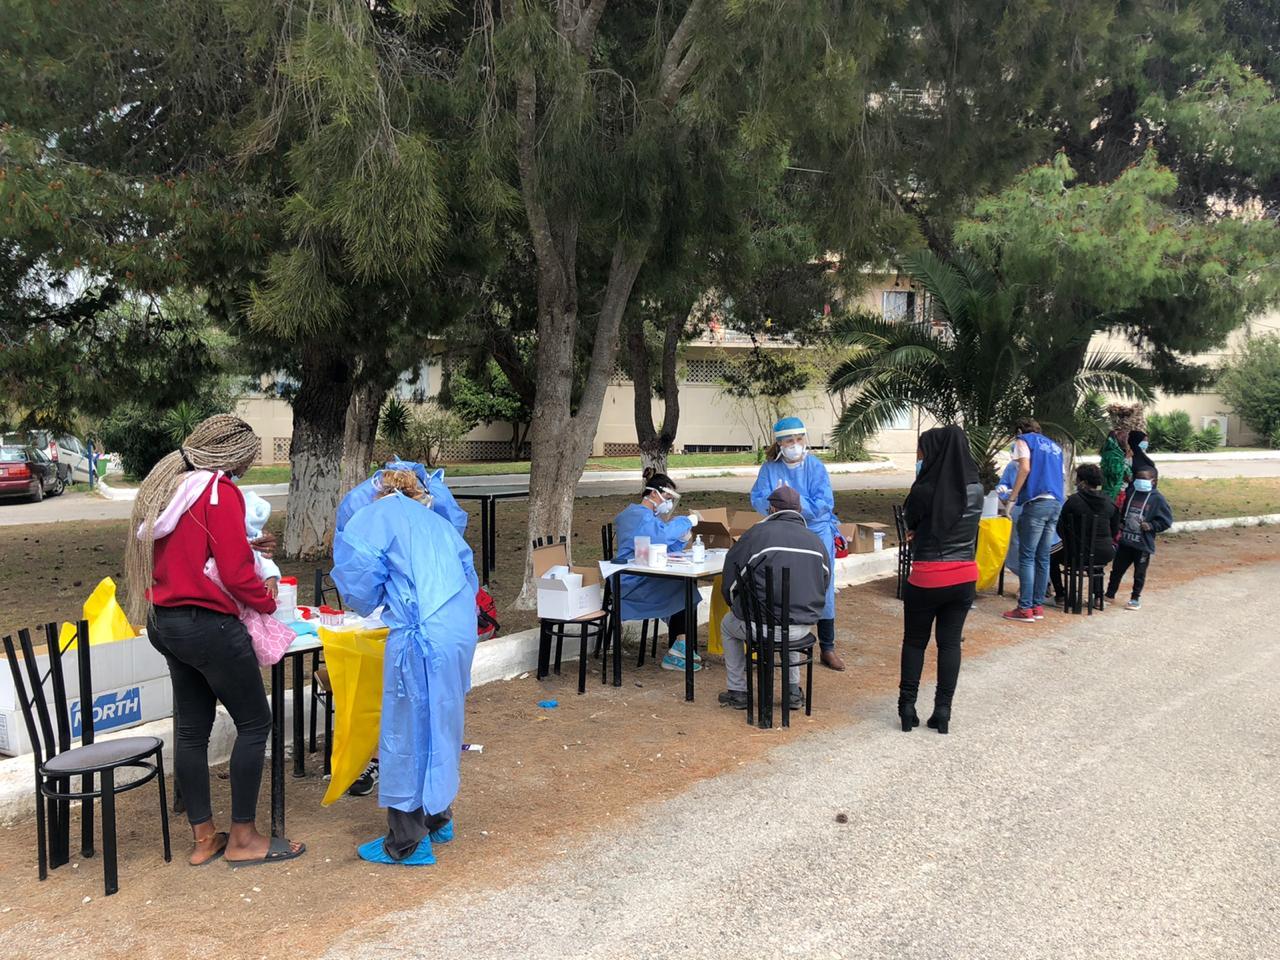 Κορονοϊός: Ξεκίνησε η δειγματοληψία στη δομή μεταναστών στο Κρανίδι – Επιτόπου Χαρδαλιάς, Τσιόδρας, Μηταράκης- Δείτε φωτογραφίες